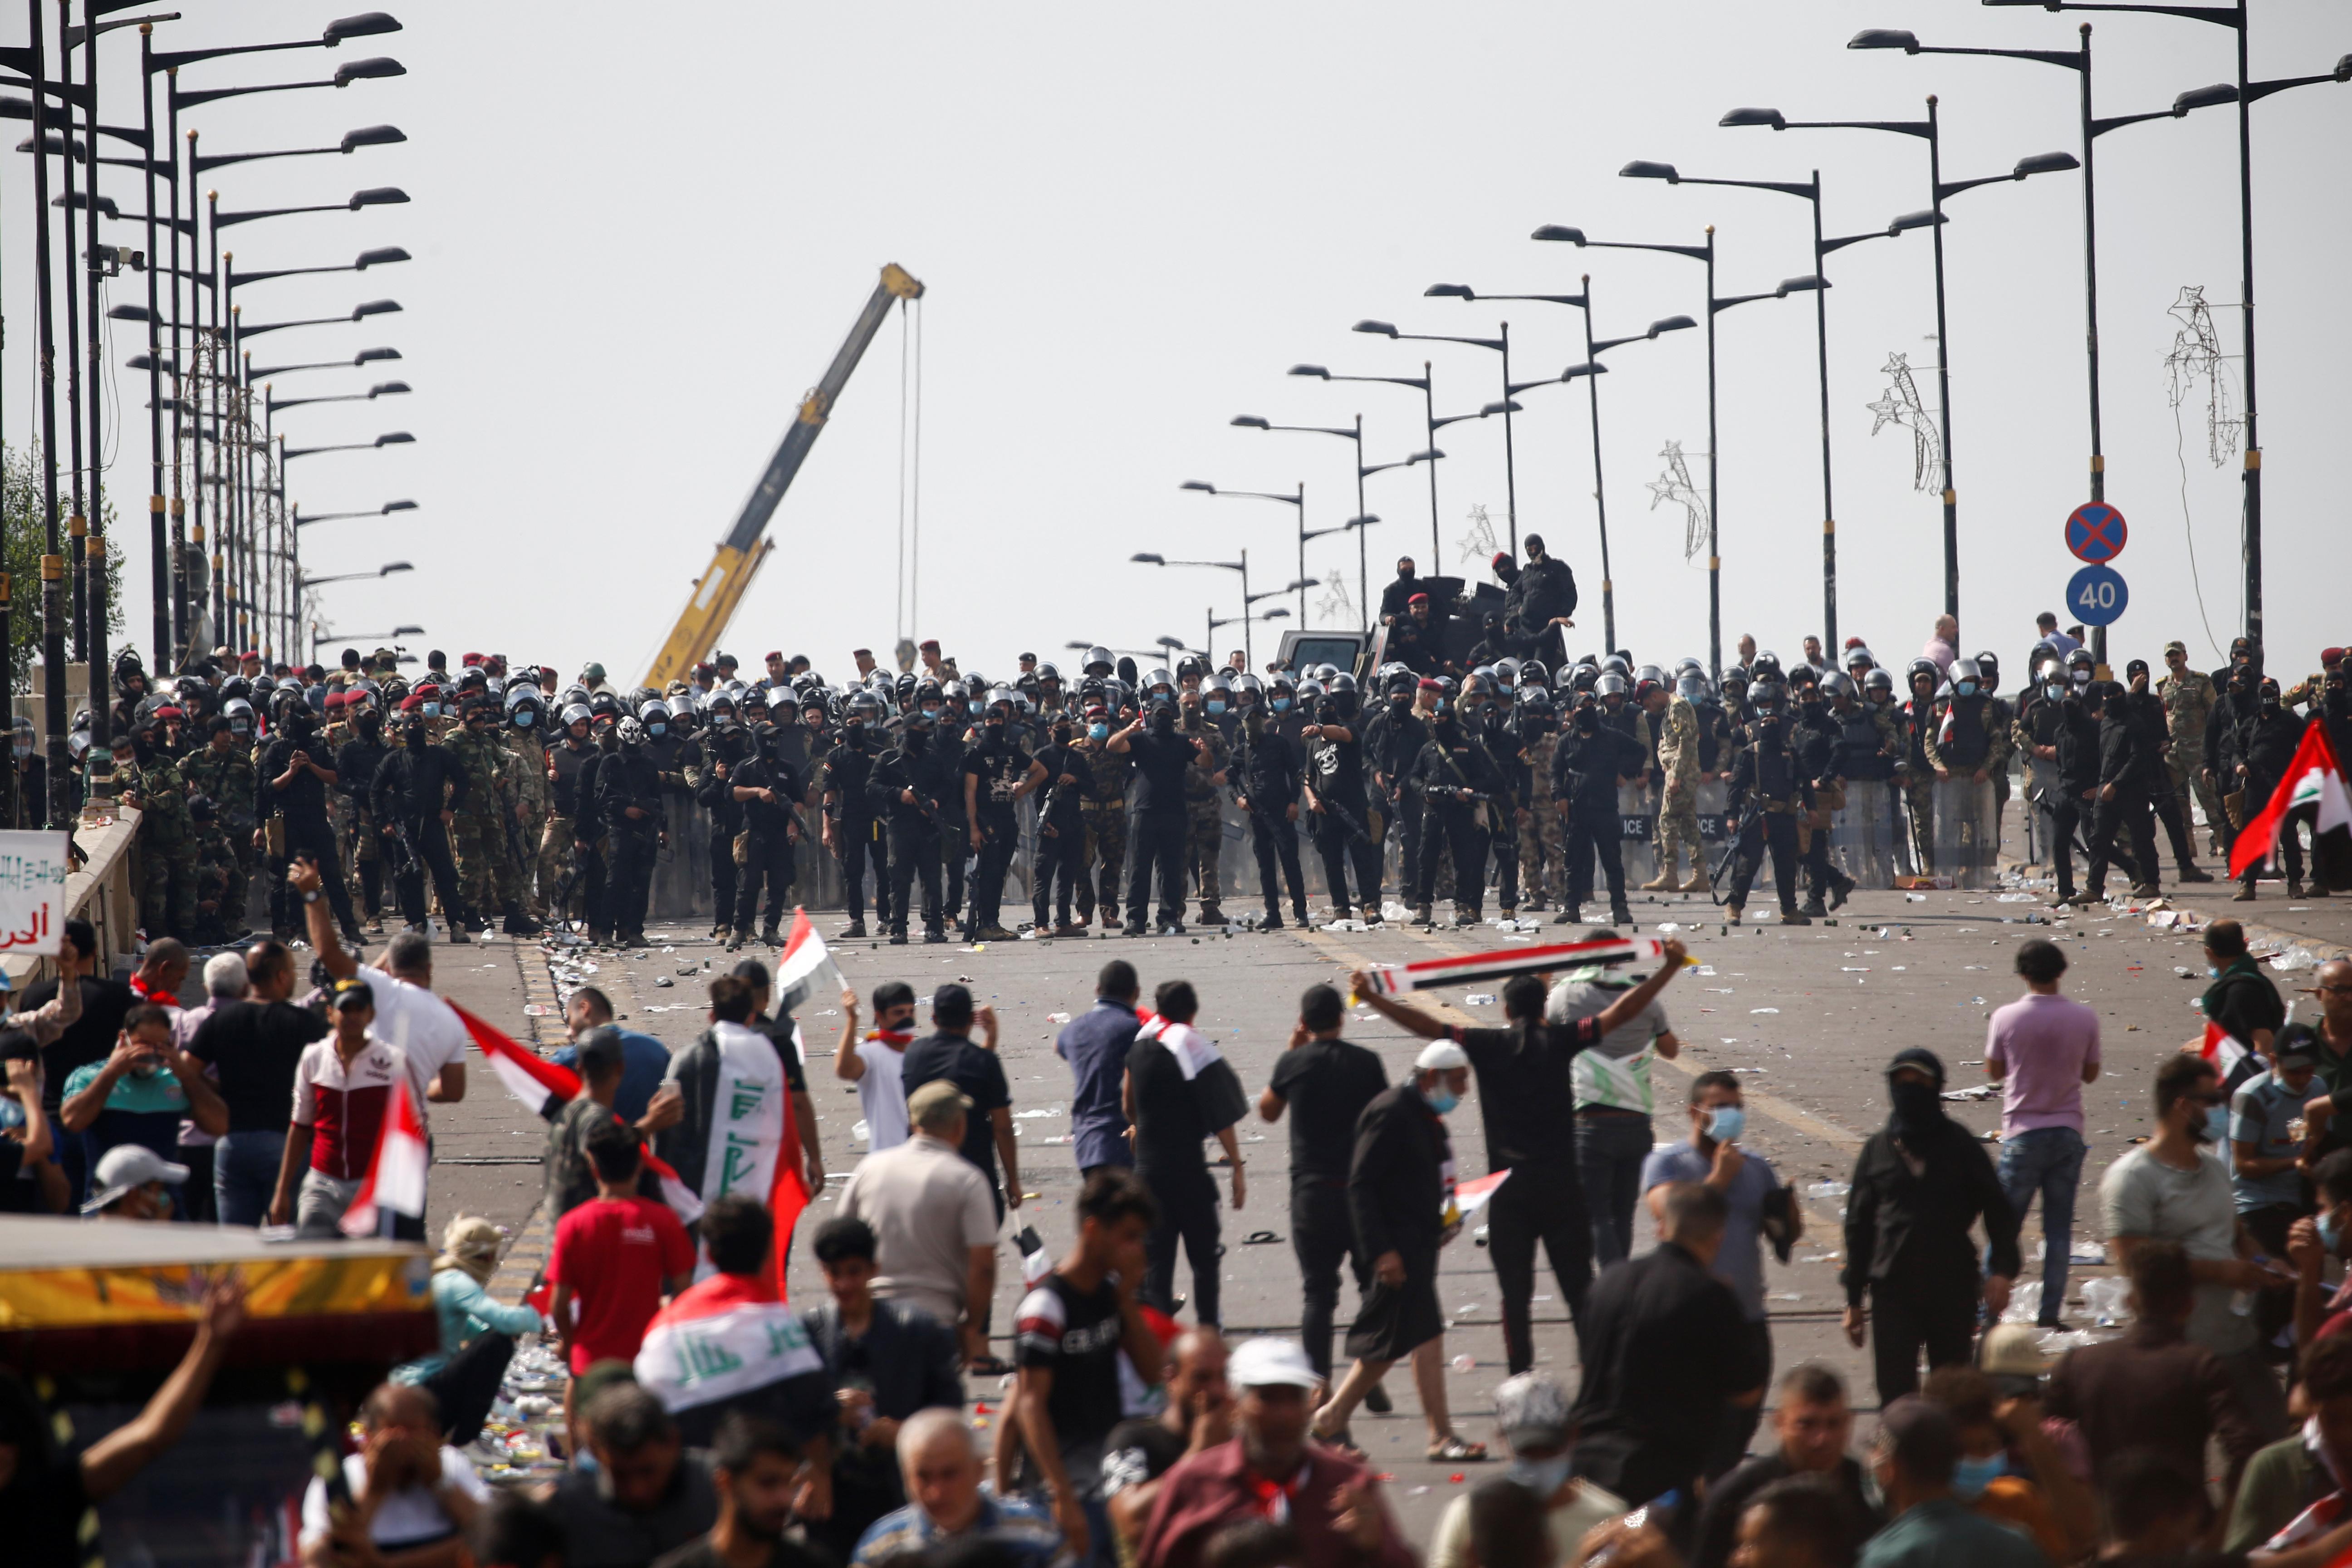 مظاهرات العراق ضد الحكومة والطبقات الحاكمة